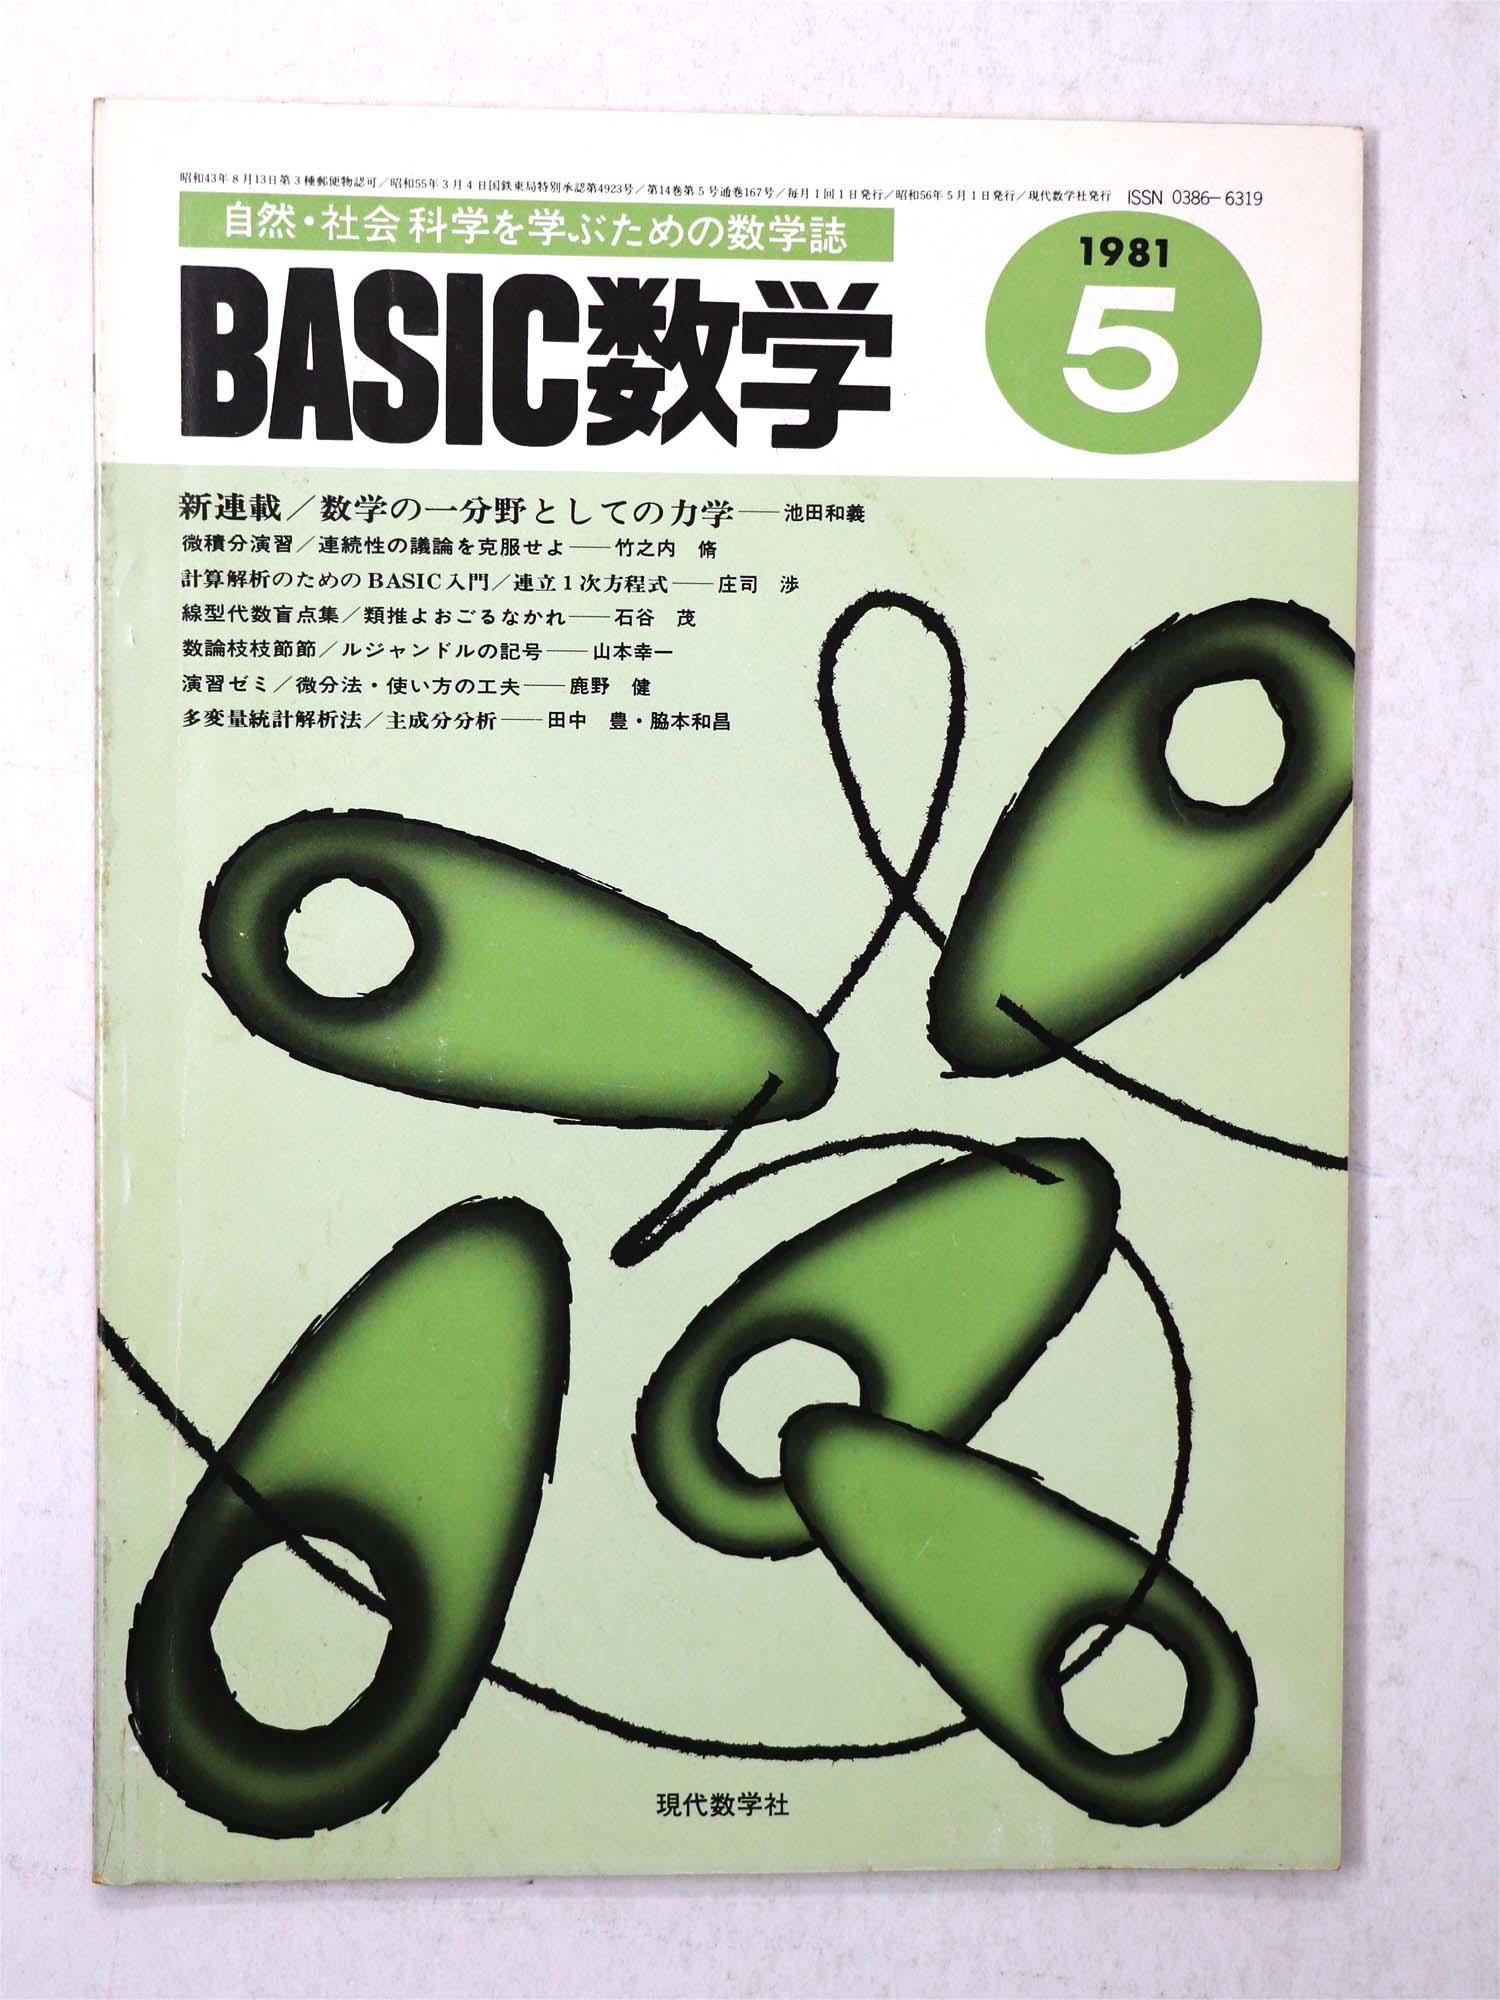 BASIC数学 1981年5月号:数学の一分野としての力学